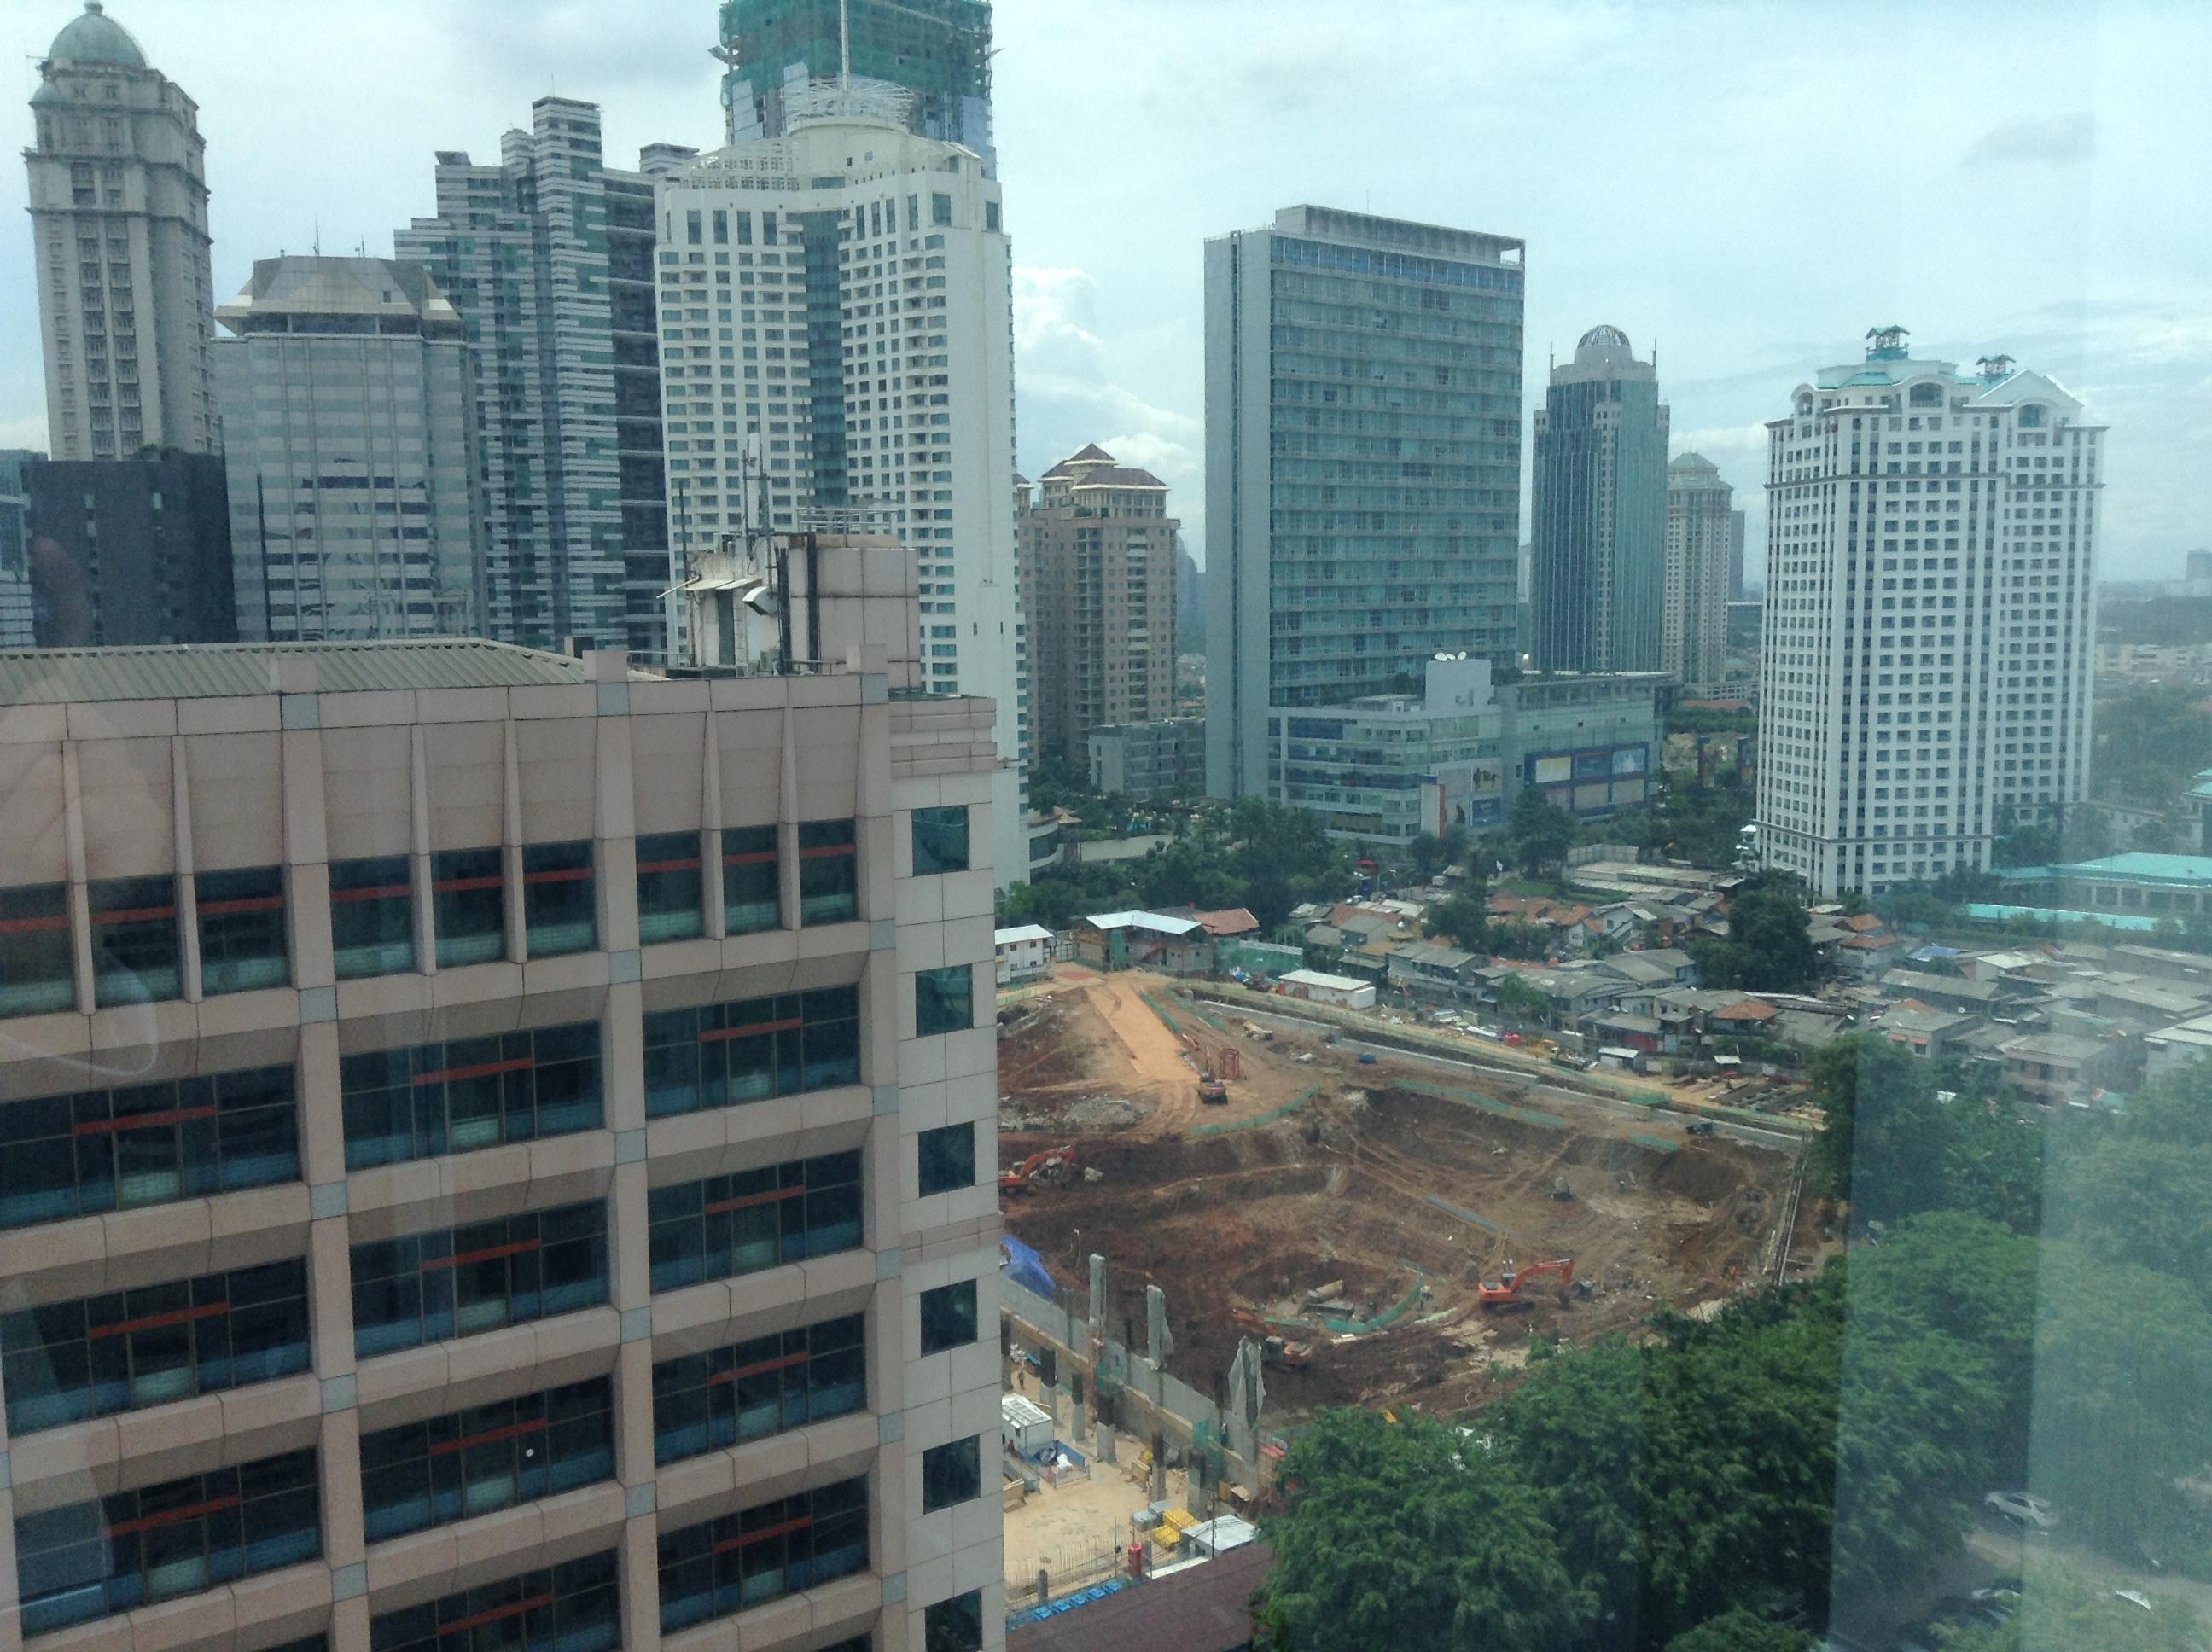 インドネシア ジャカルタの転職エージェント インテリジェンスのオフィスから見た景色